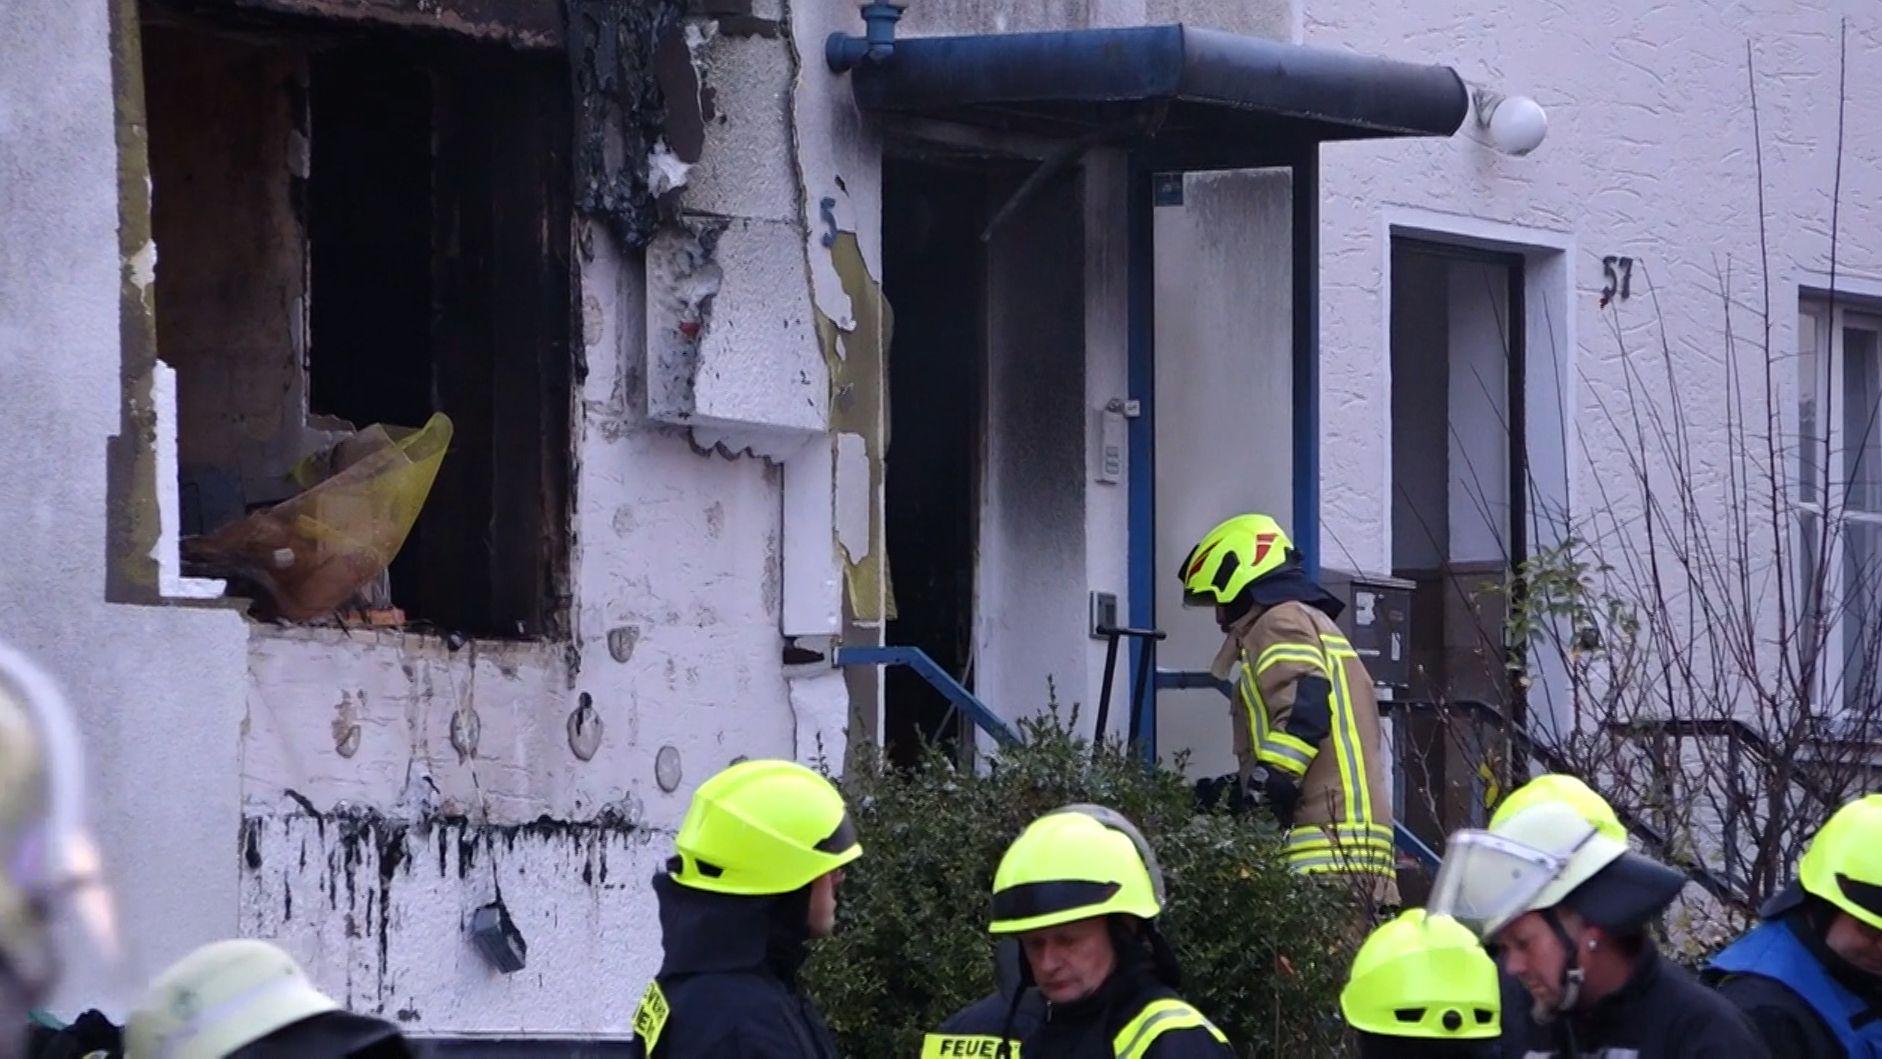 Feuerwehrleute im Einsatz in Ansbach